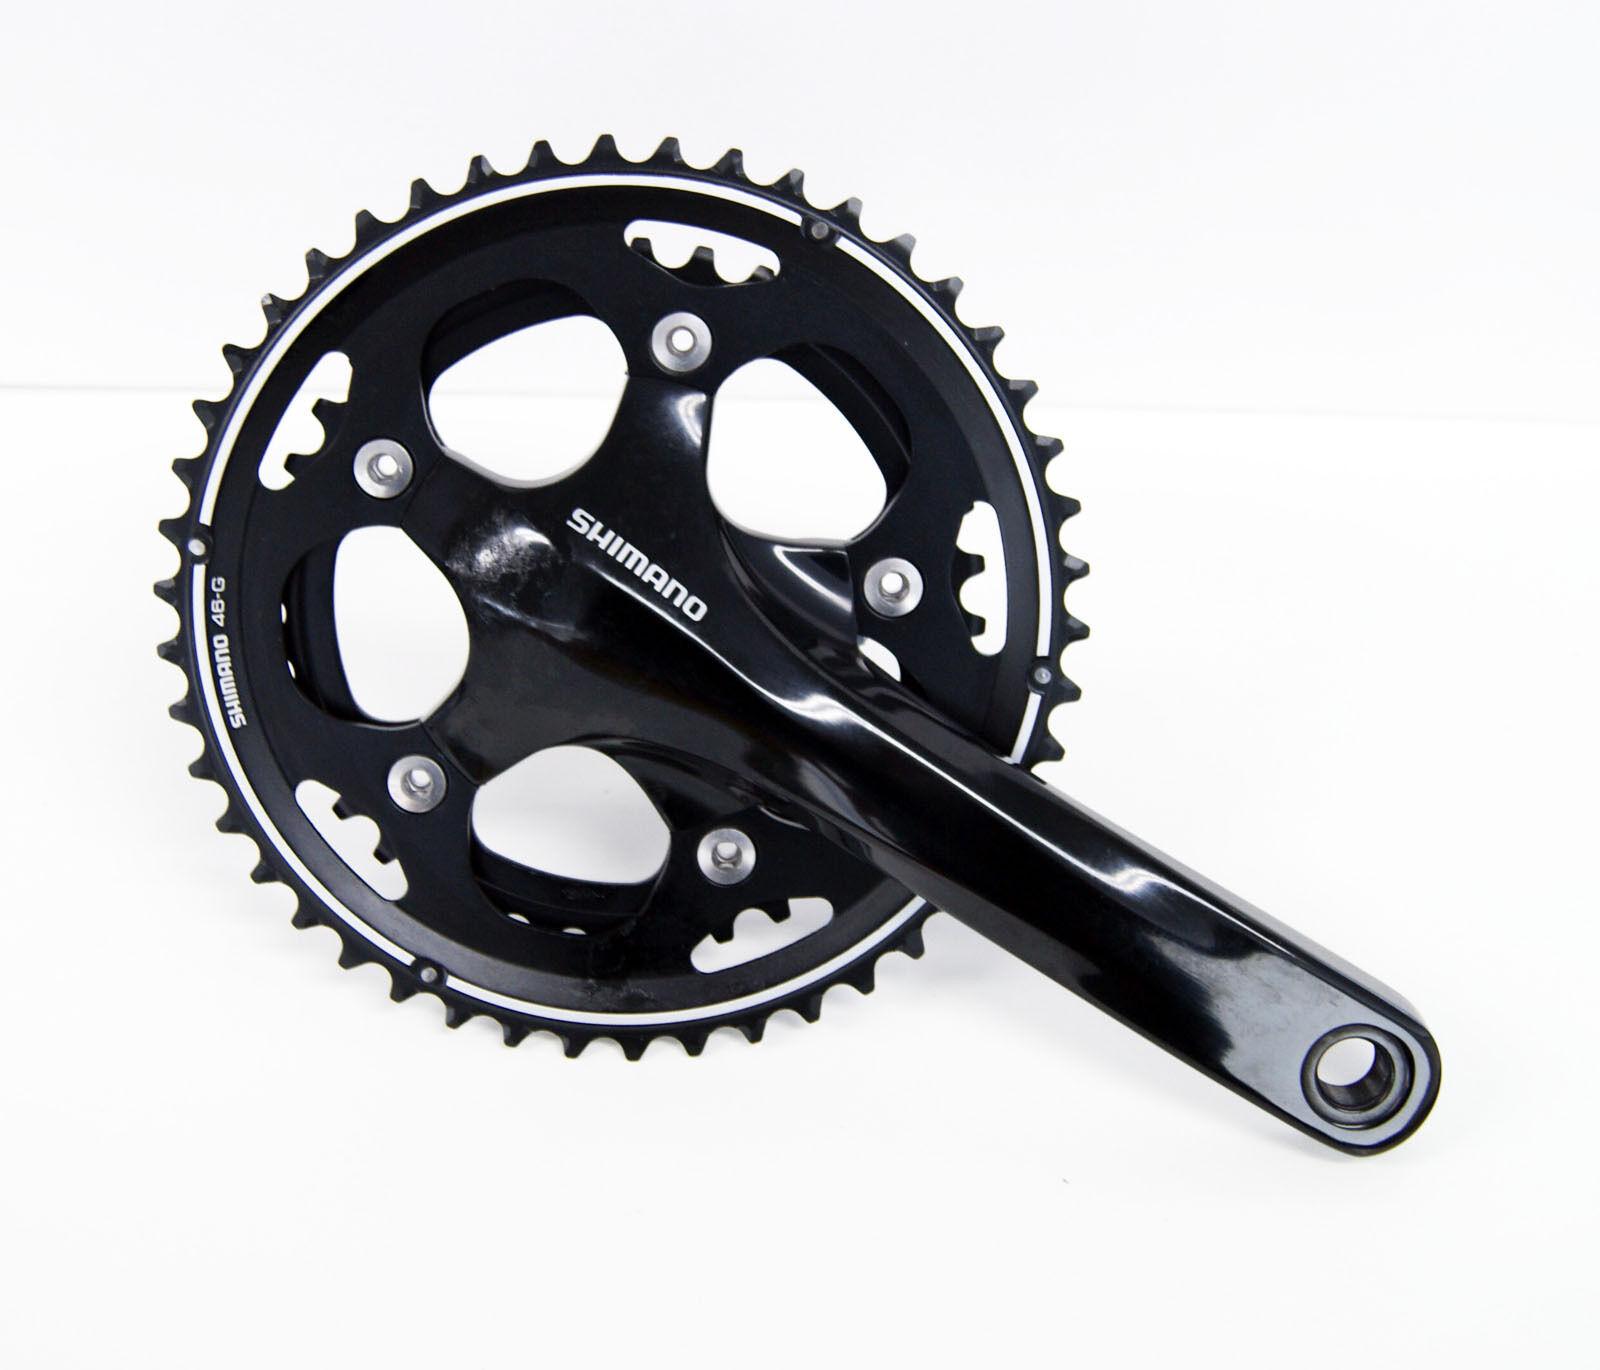 Shimano ciclocross FC-CX50 46-36 T 170 mm Negro Bielas efccx 50CX66L